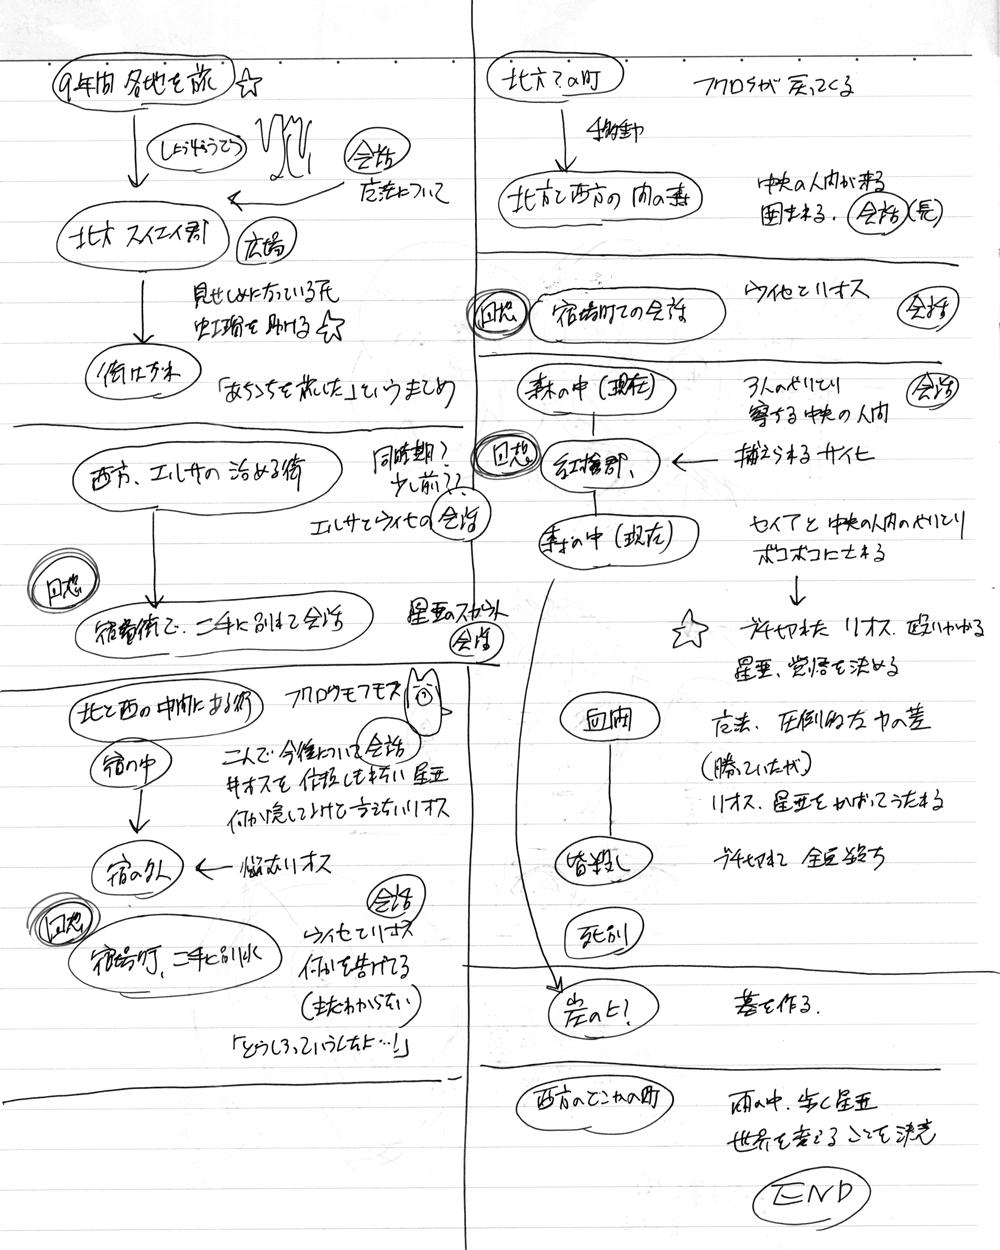 2章ラストあたりの覚書